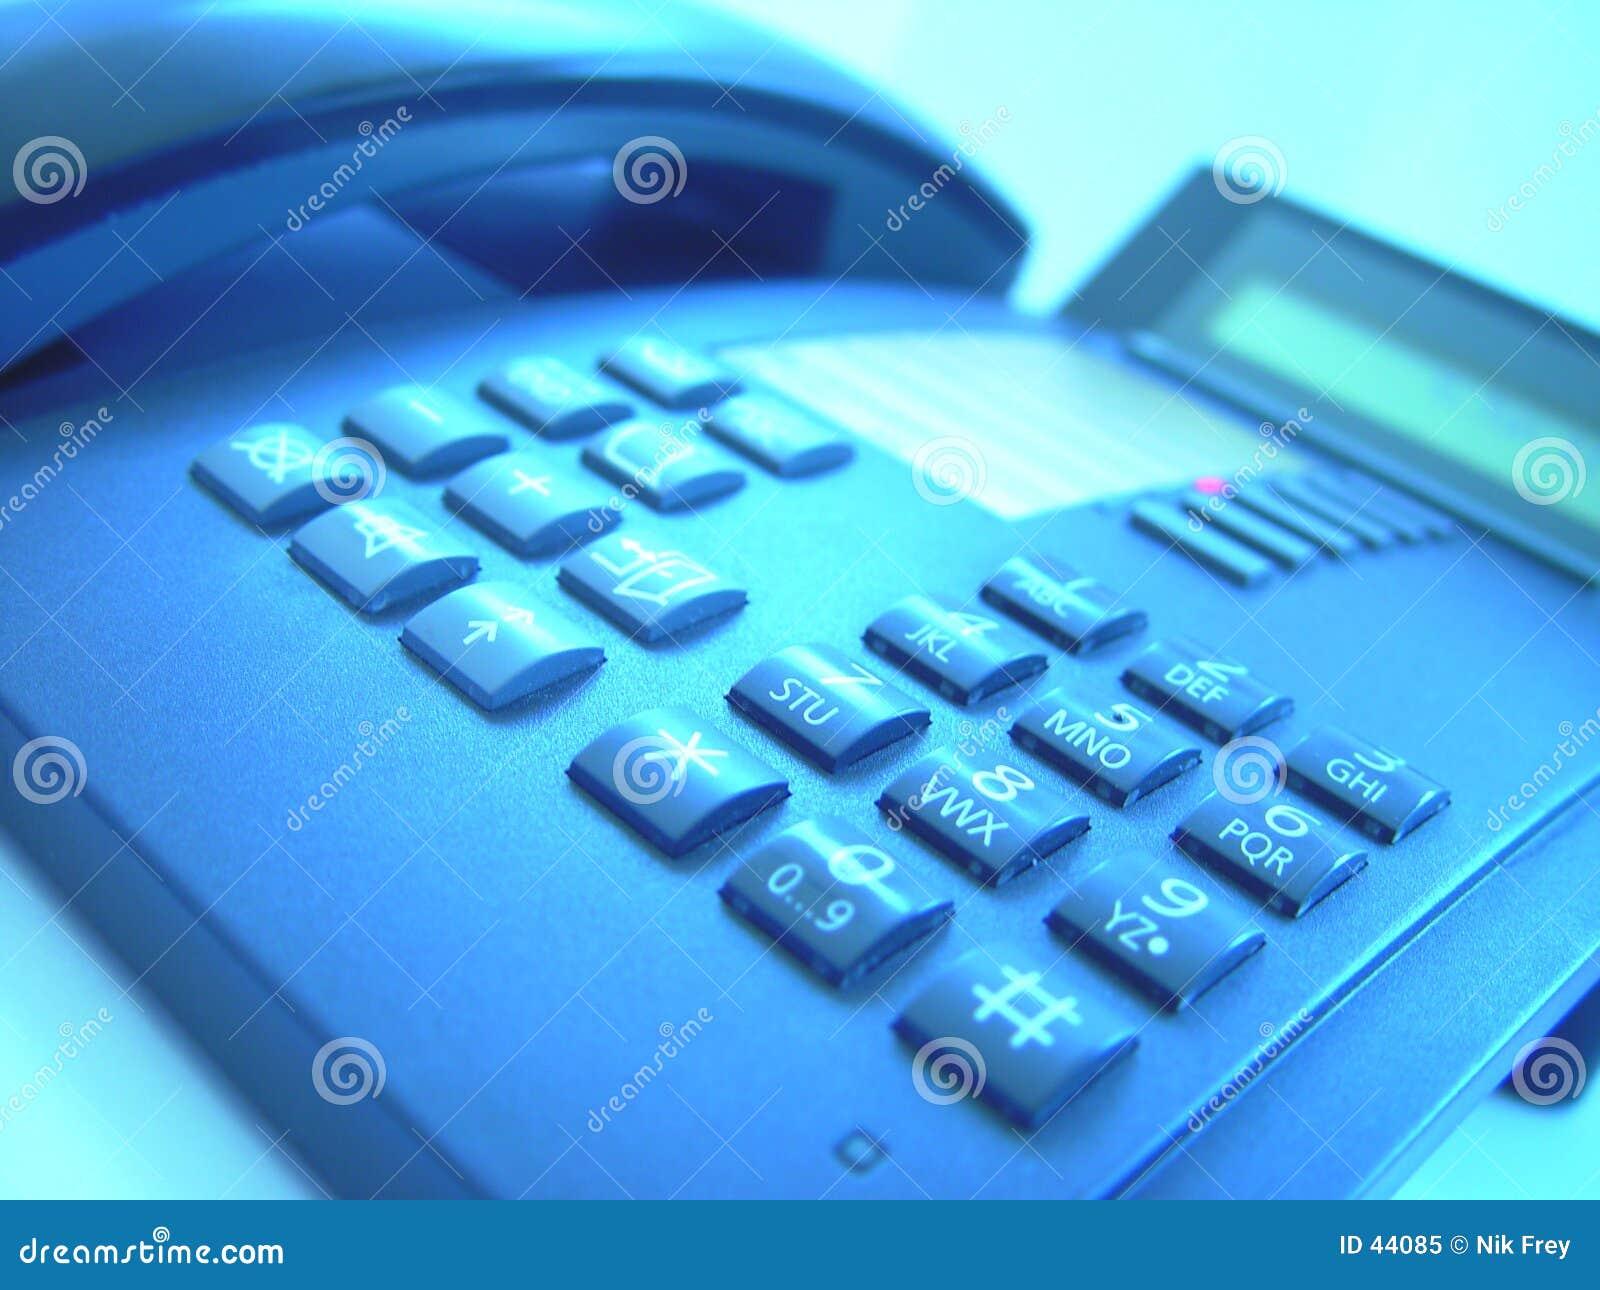 4 nauk telefon